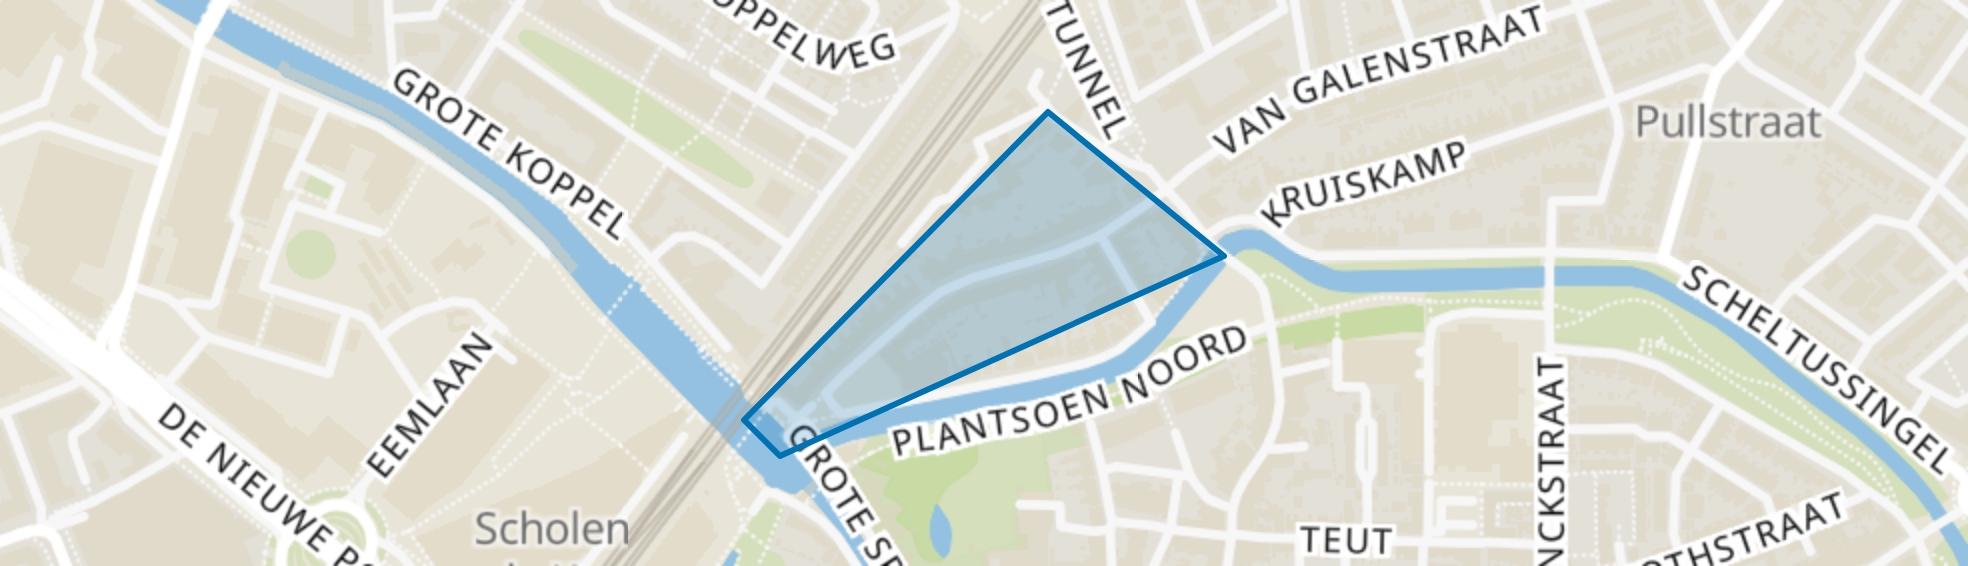 Schimmelpenninckstraat, Amersfoort map